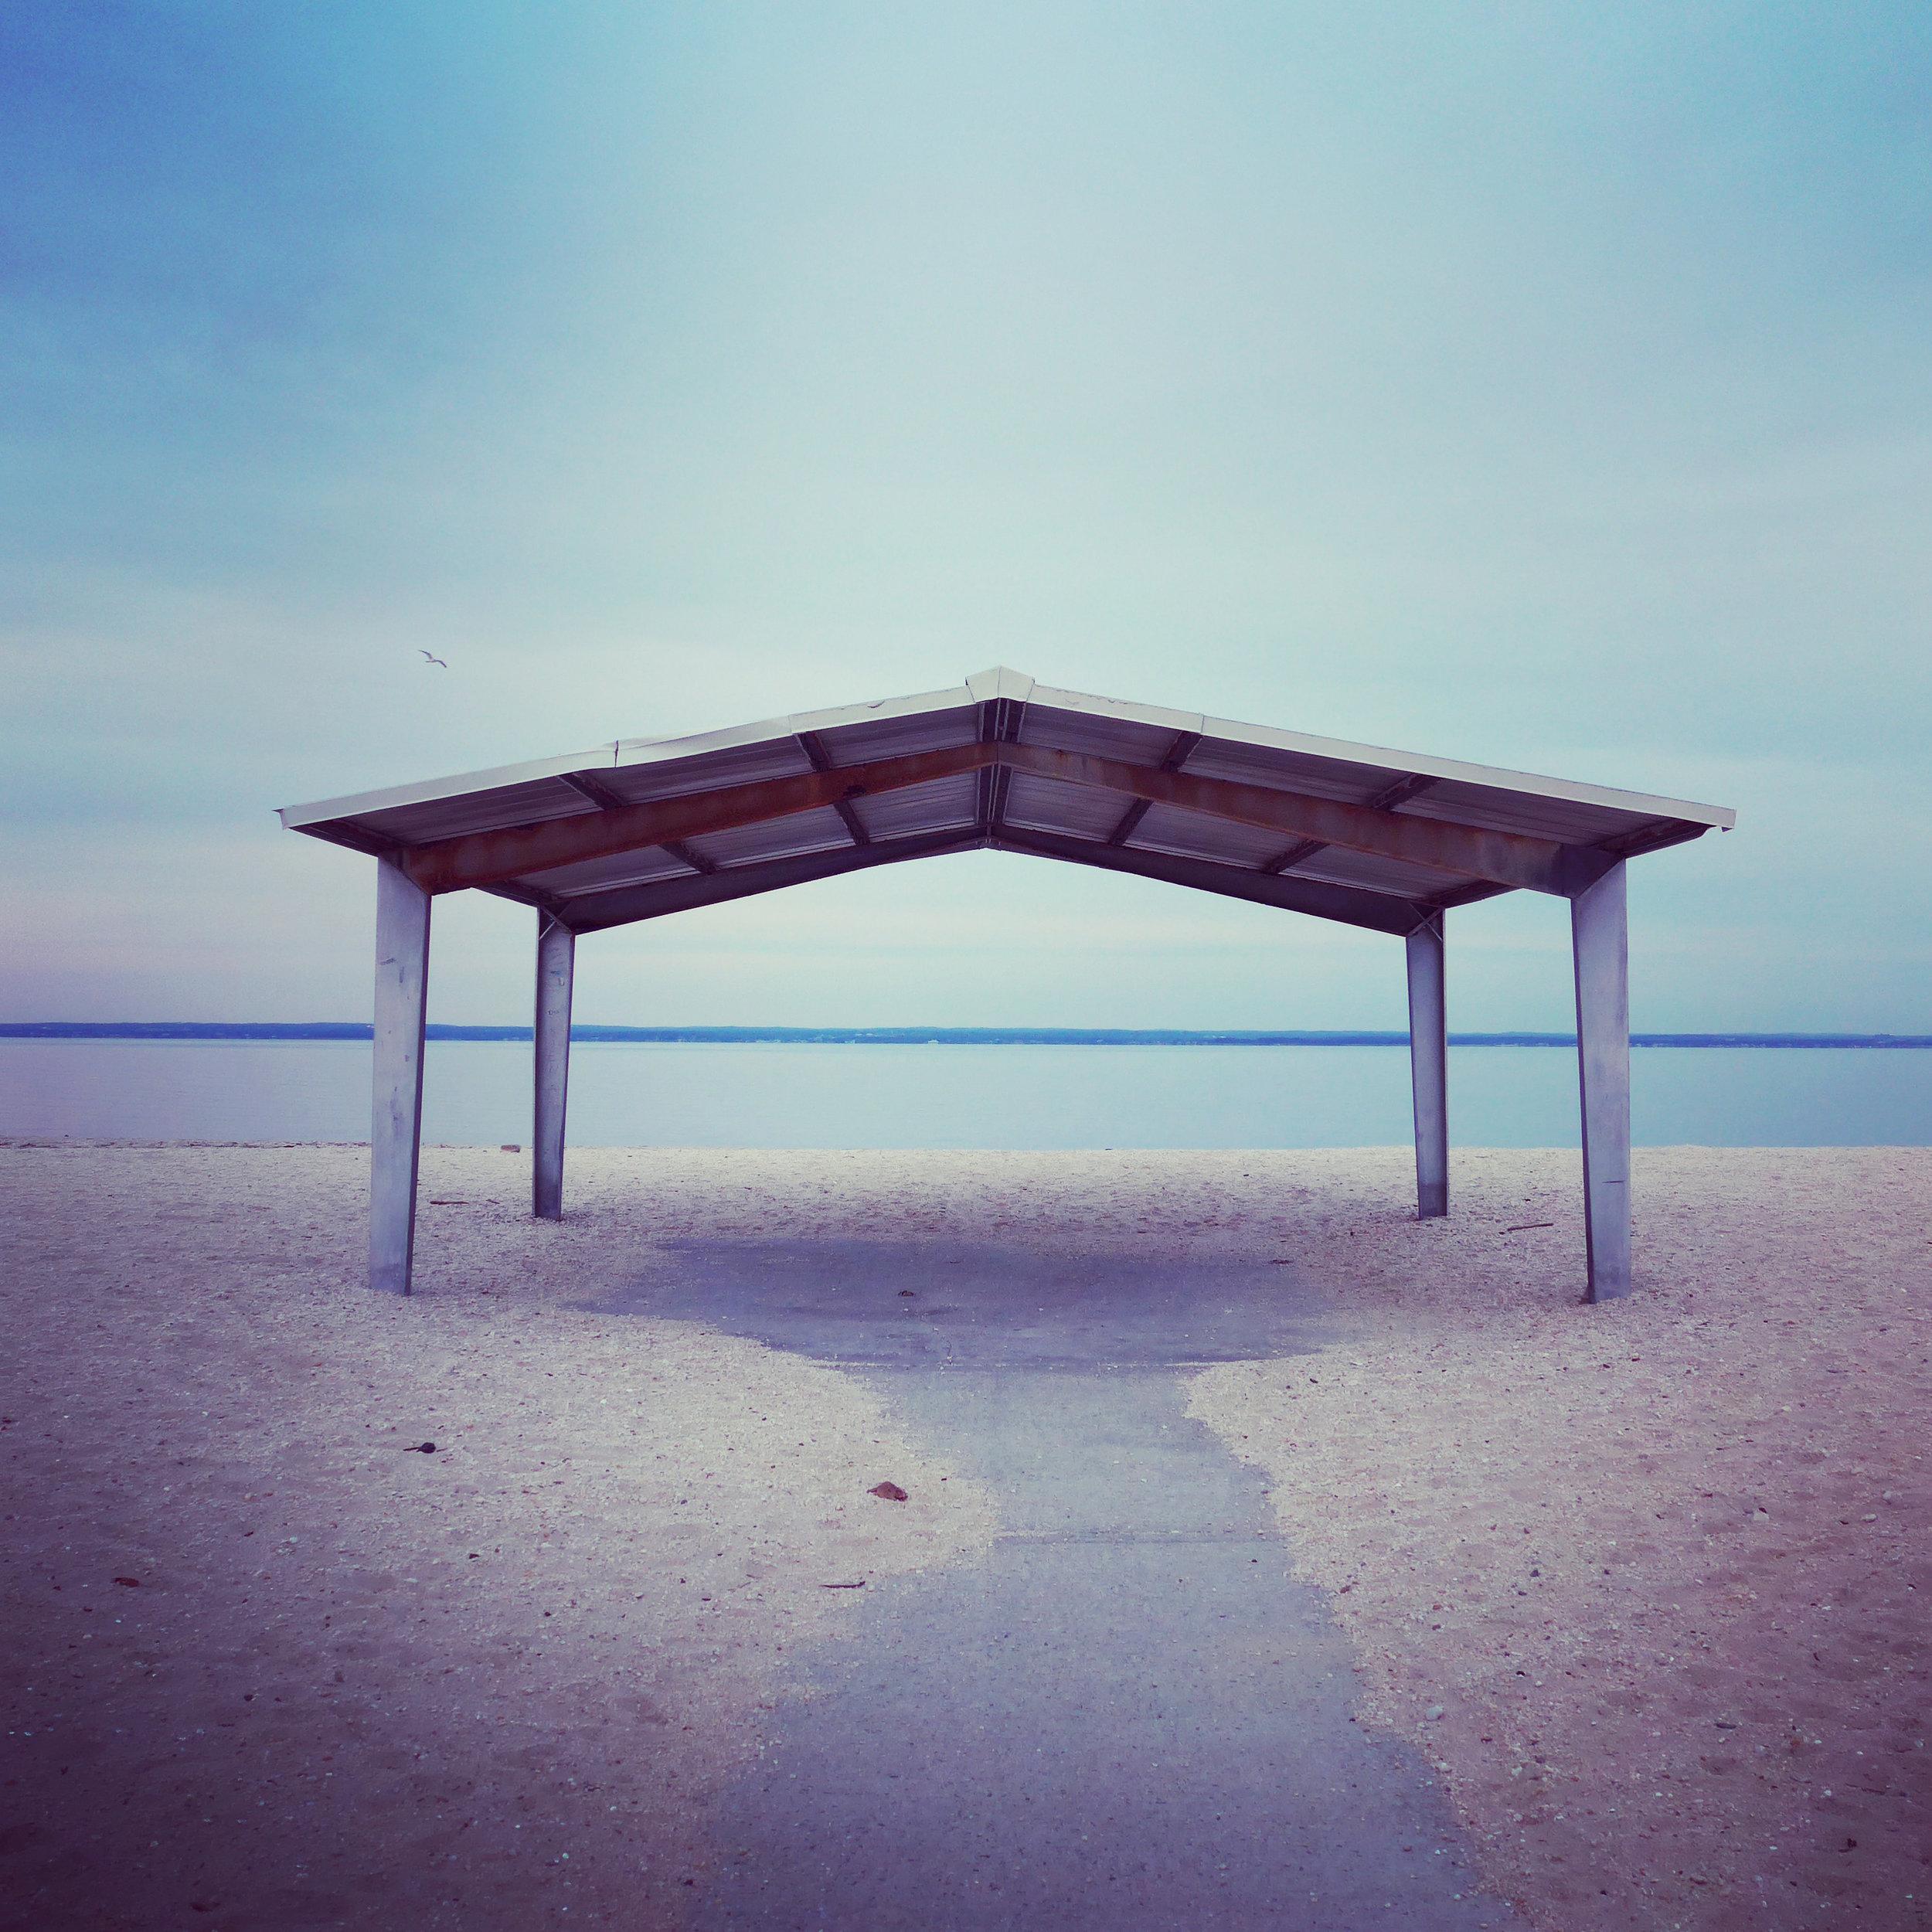 Oyster Bay, NY